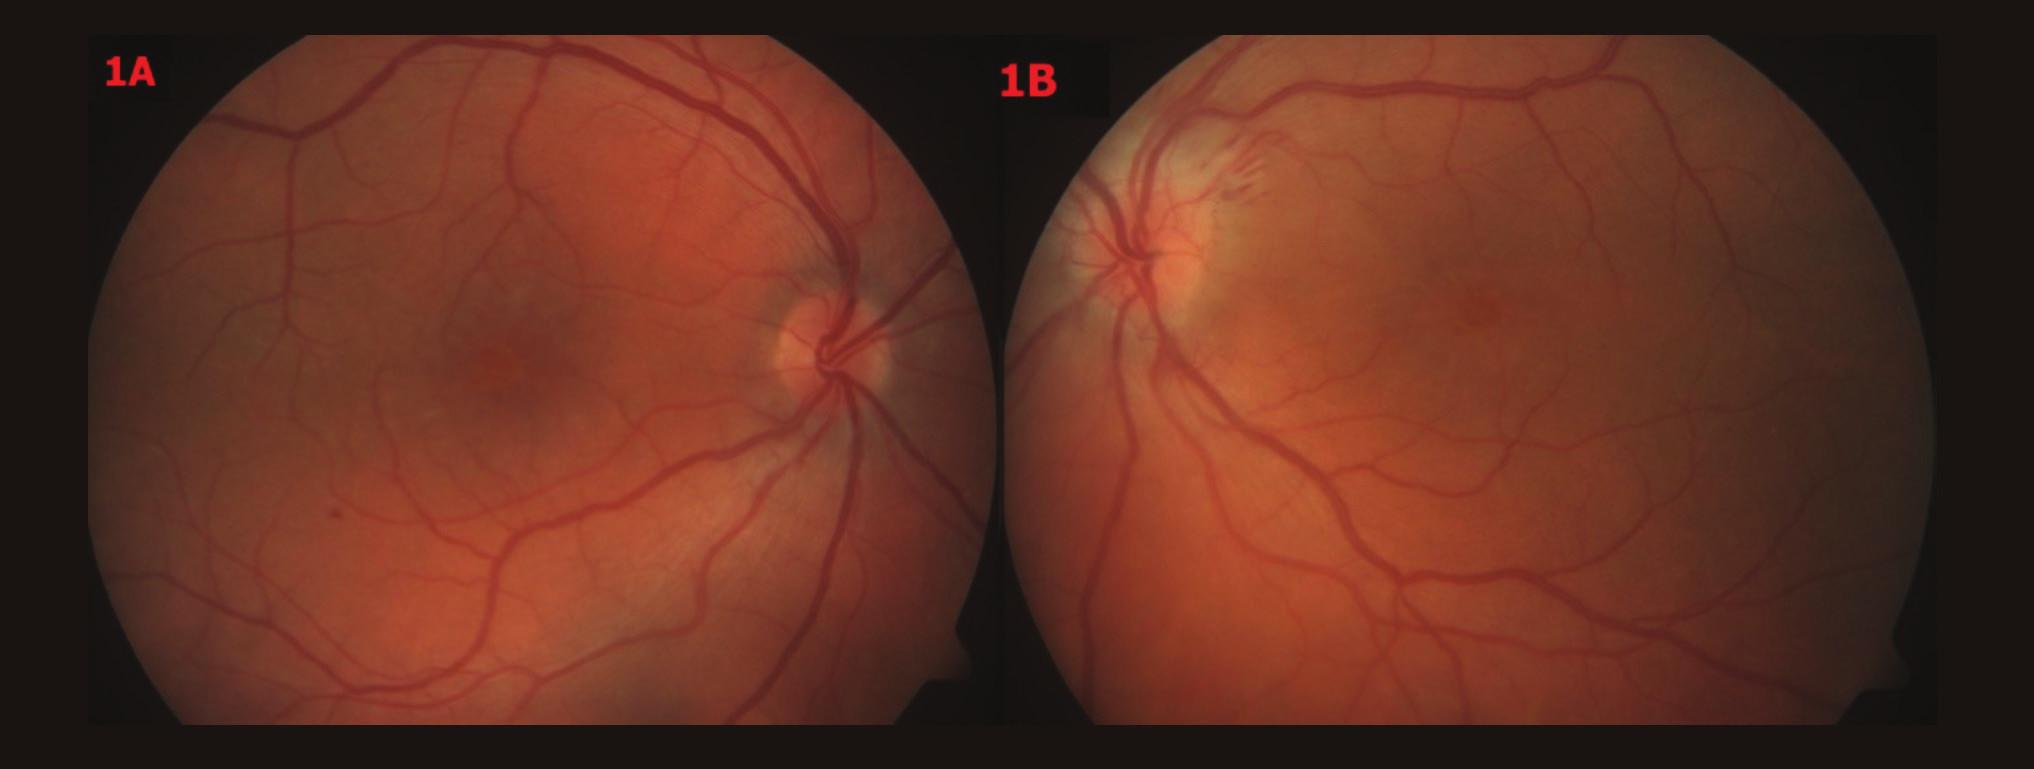 Barevné fotografické snímky fundu OPL – vstupní nález 1A – OP – papila okrouhlá, ohraničená, růžová, v centru CME, 1B – OL – papila neostře ohraničená, prosáklá, bledší než vpravo, lehce nad niveau, parapapilárně třískovité hemoragie u č. 2, v centru CME, oboustranně artérie užší, tvrdších reflexů, vény vinuté, dilatované, oboustranně ve střední periférii ojediněle tečkovité hemoragie